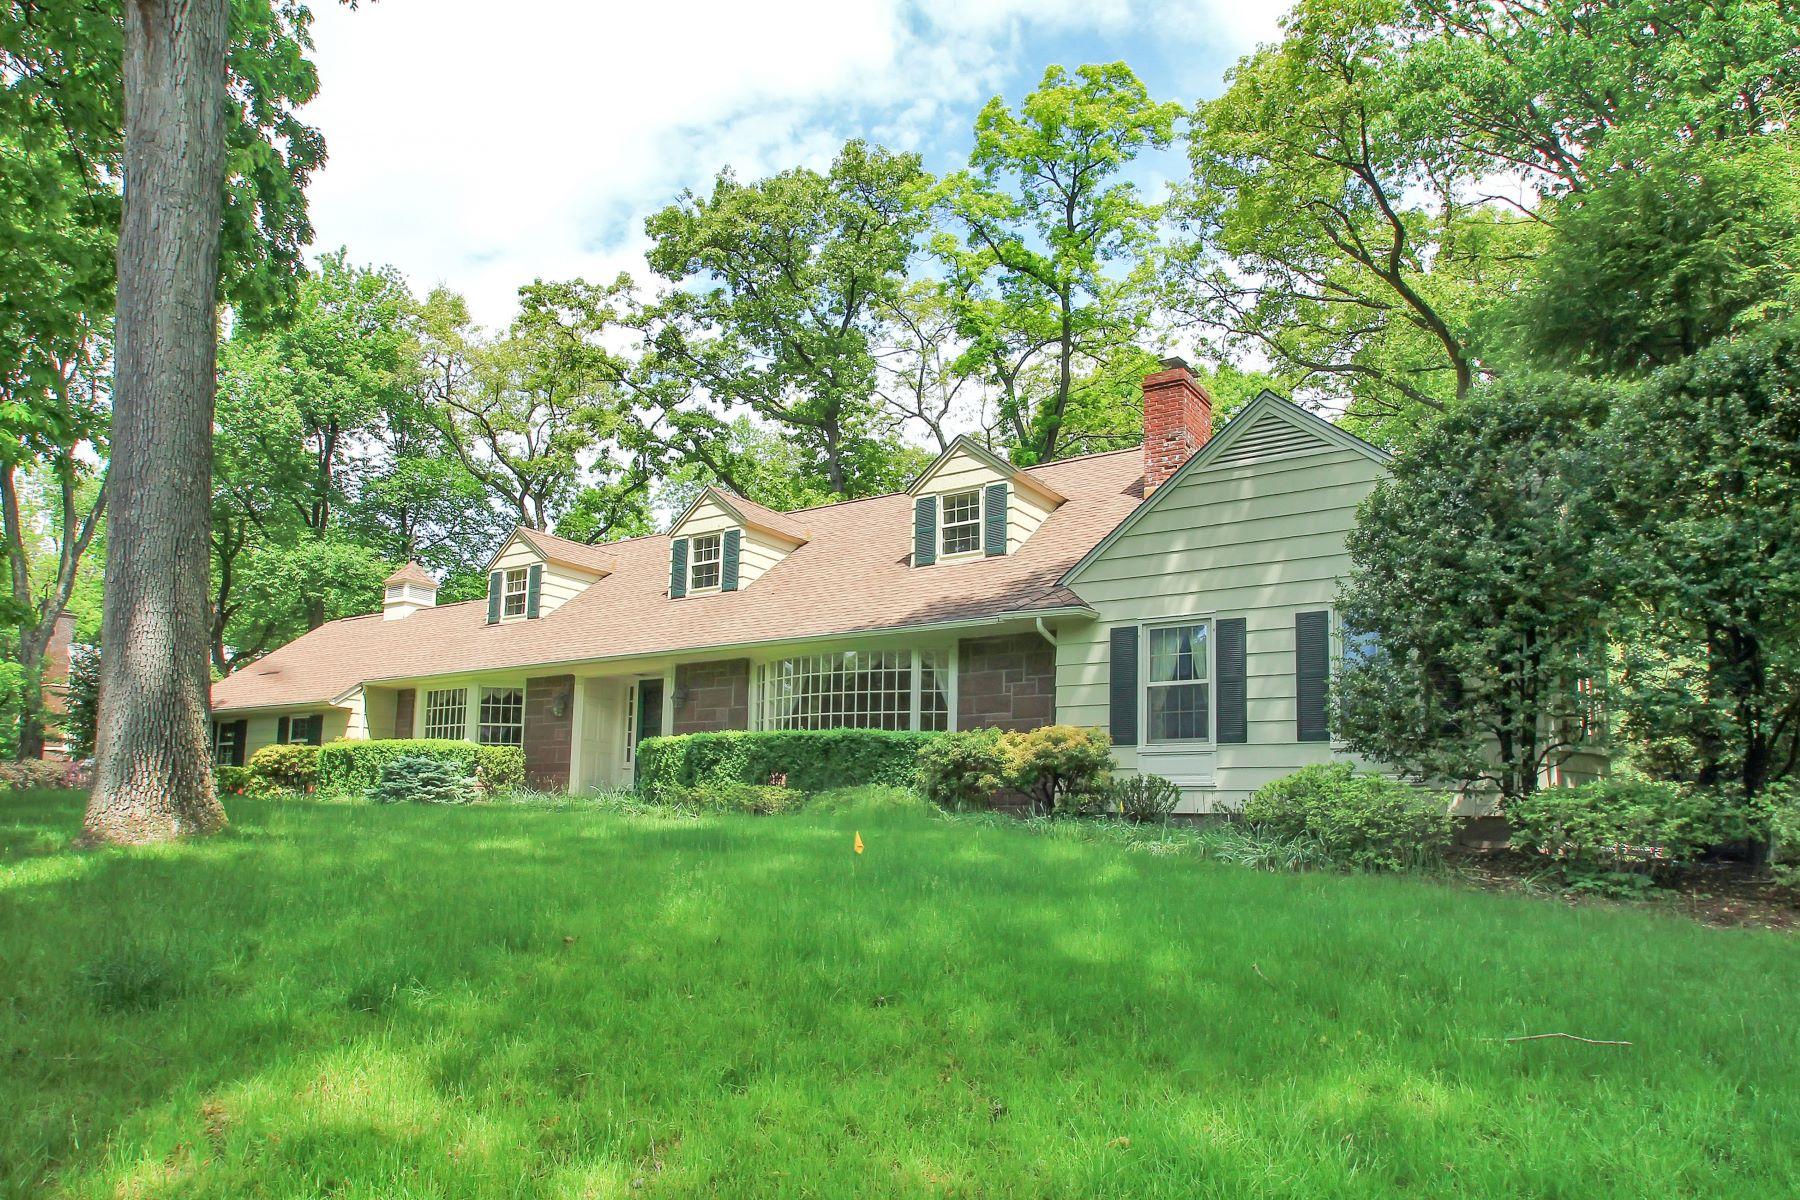 أراضي للـ Sale في Prestigious Chestnut Ridge! 3 Twin Brooks Rd, Saddle River, New Jersey, 07458 United States